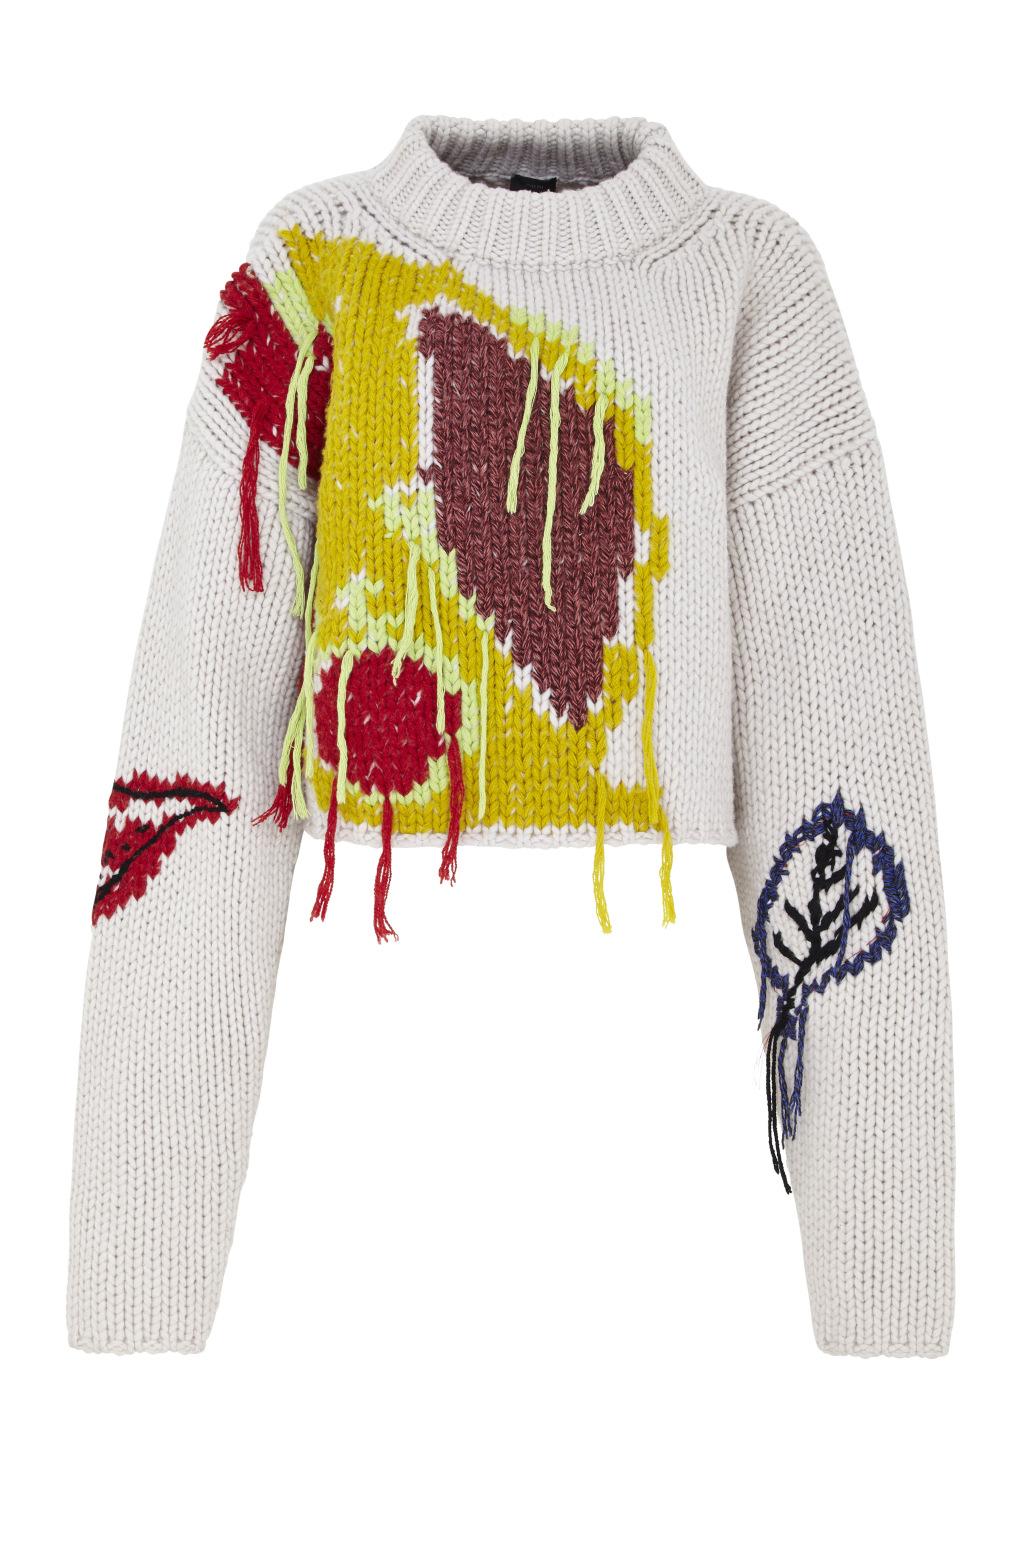 Модный бежевый свитер с длинными рукавами украшеный геометрическими рисунками тренд сезона из коллекции JOSEPH..